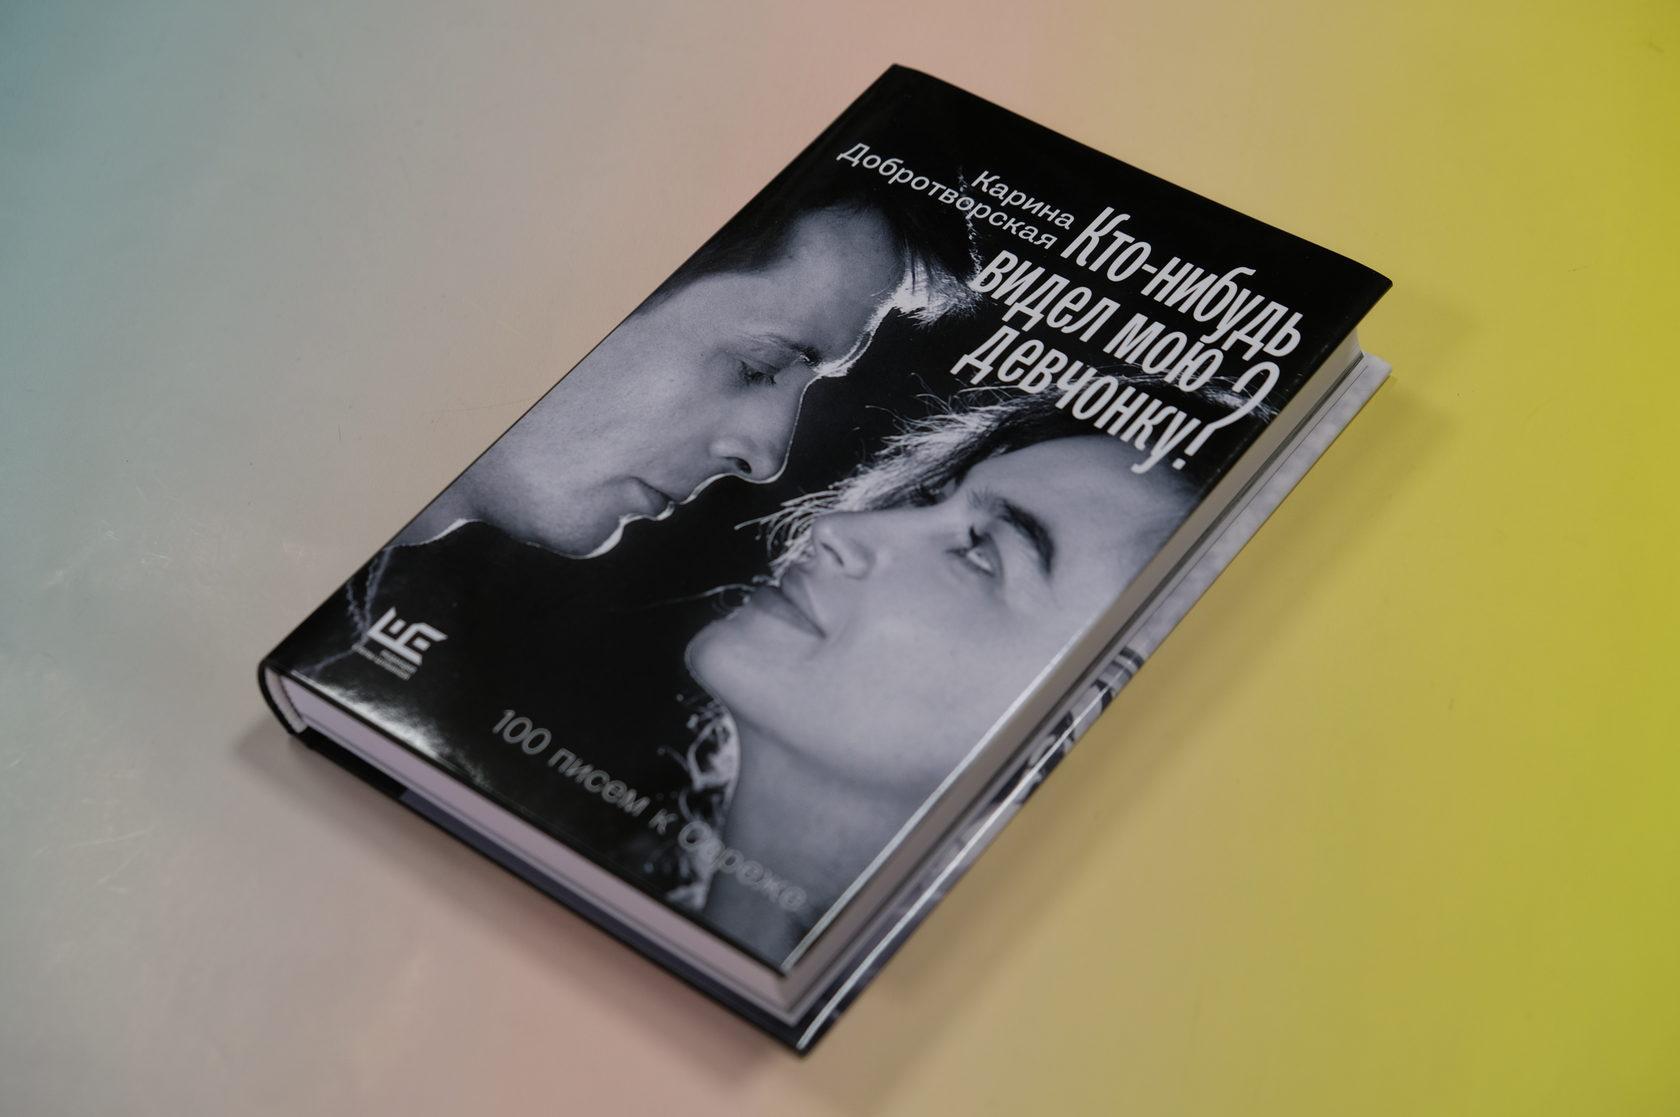 Купить книгу Карина Добротворская «Кто-нибудь видел мою девчонку? 100 писем к Сереже»